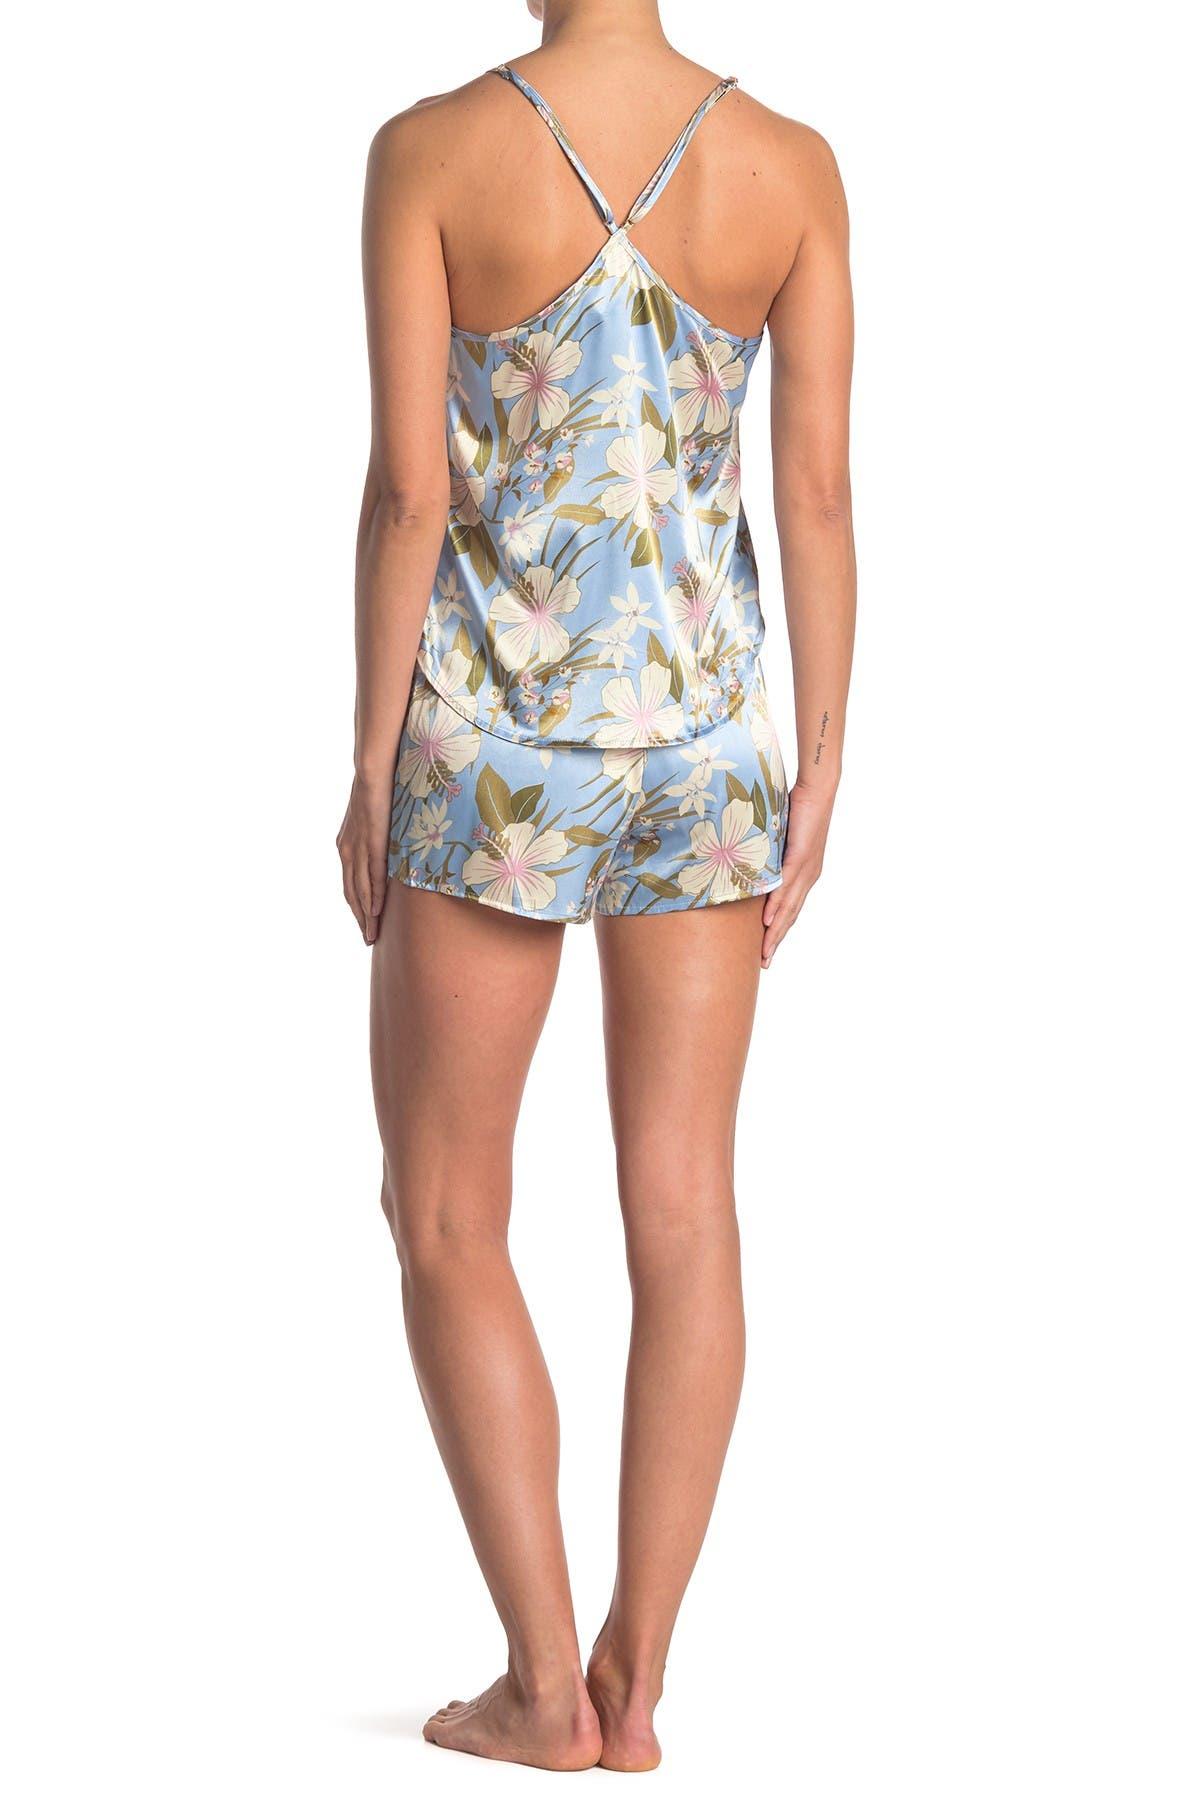 Image of COZY ROZY Tropical Dreams Floral Satin Camisole & Shorts 2-Piece Pajama Set